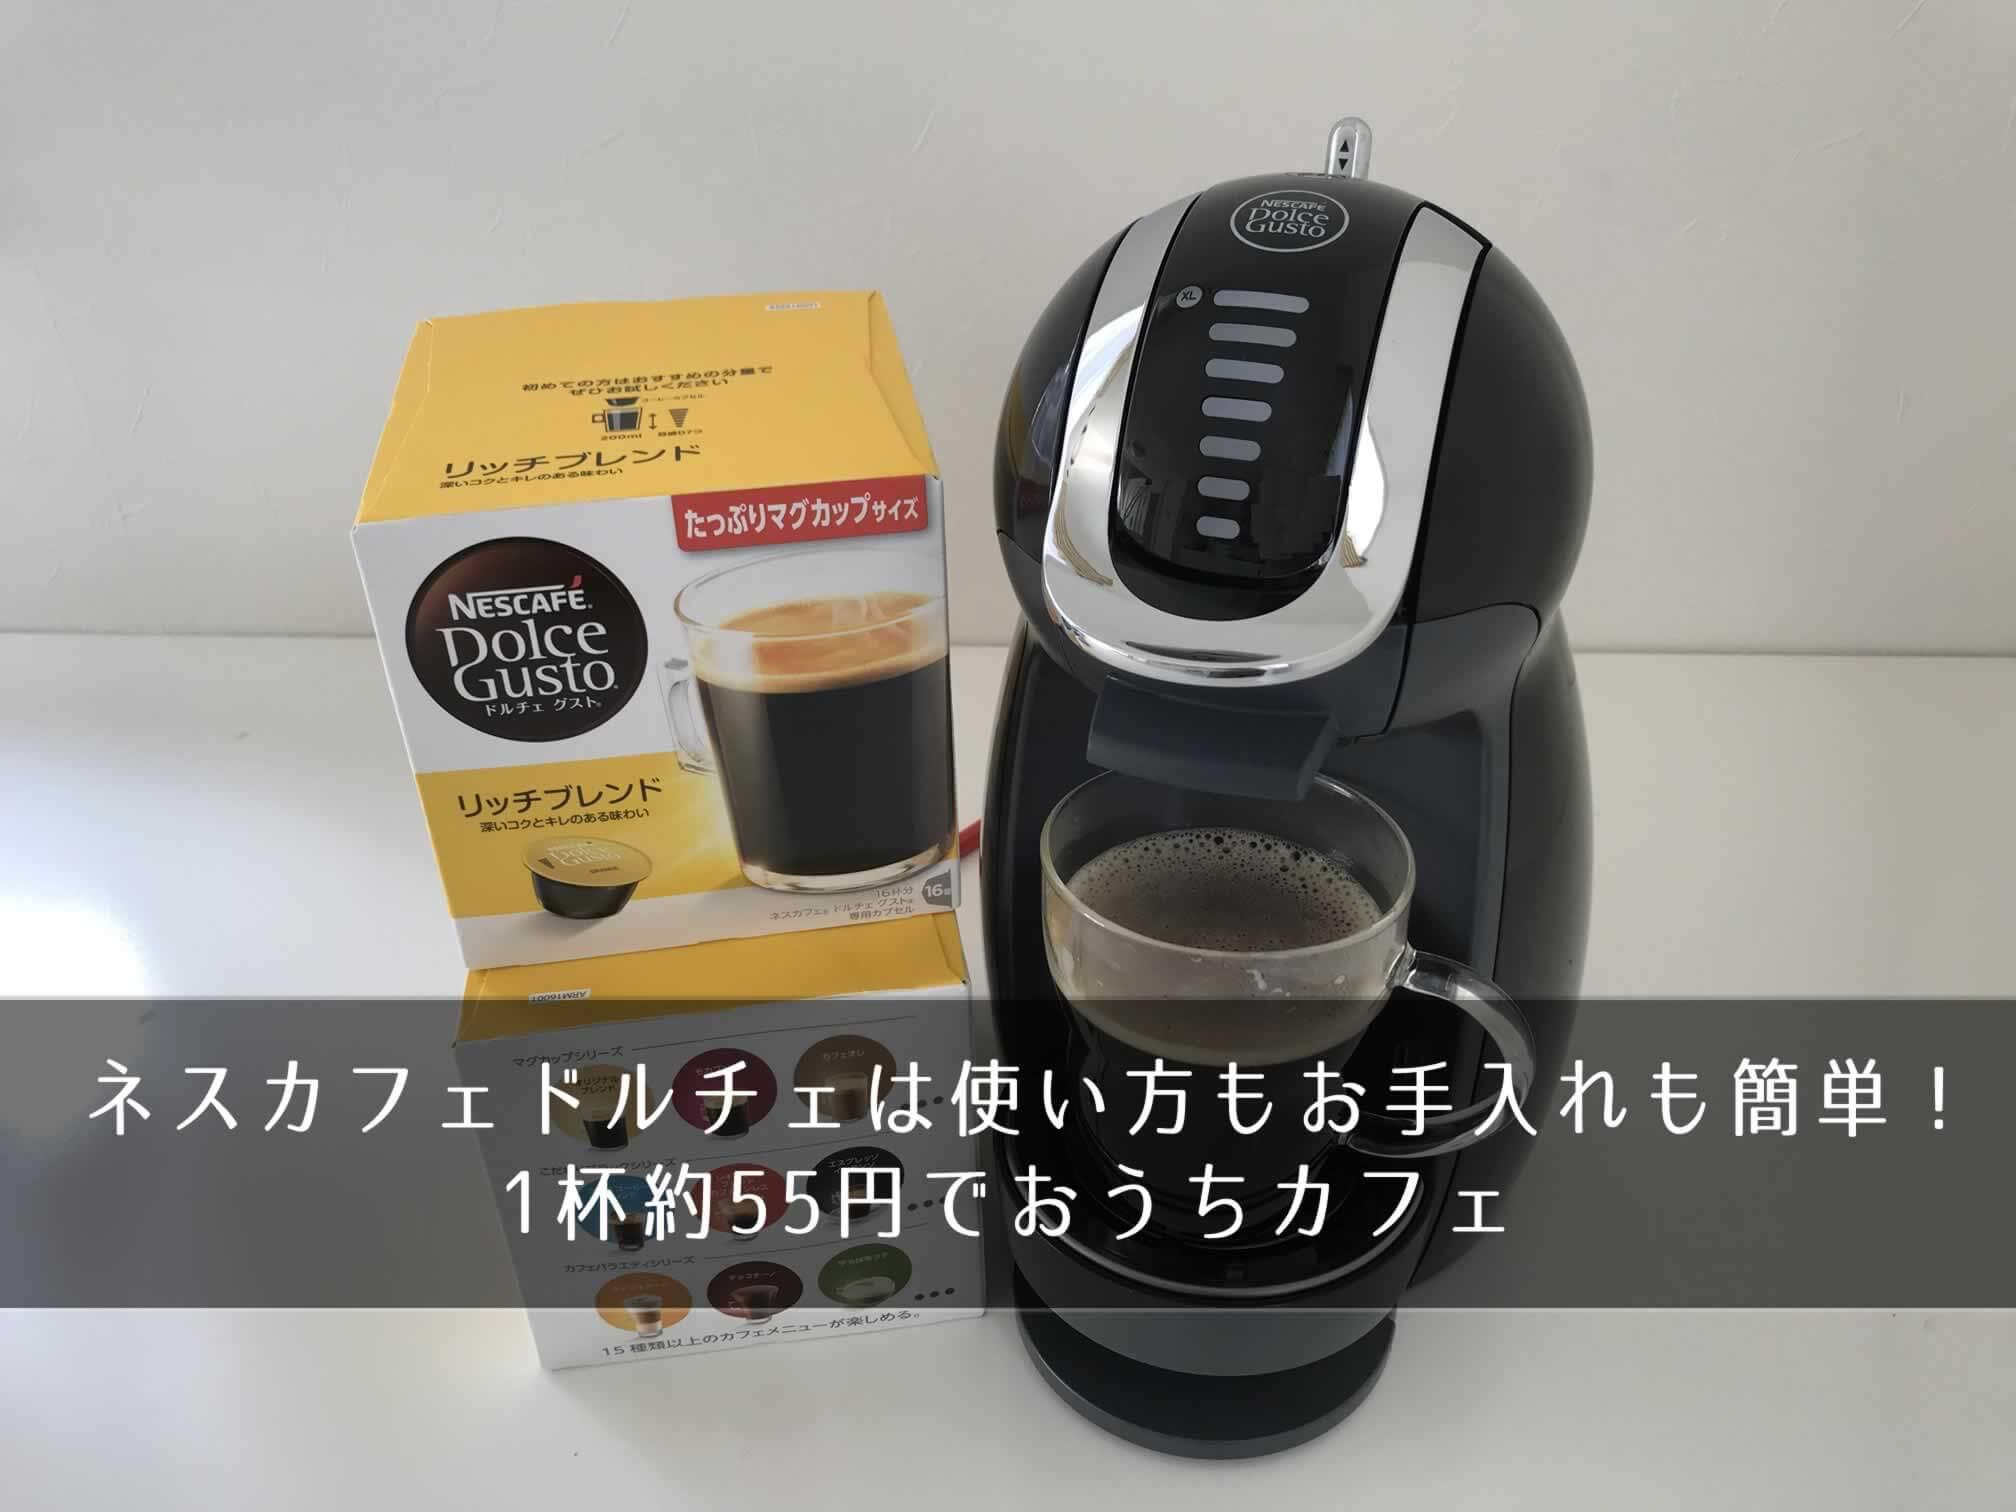 ネスカフェドルチェは使い方もお手入れも簡単!1杯約55円でおうちカフェ